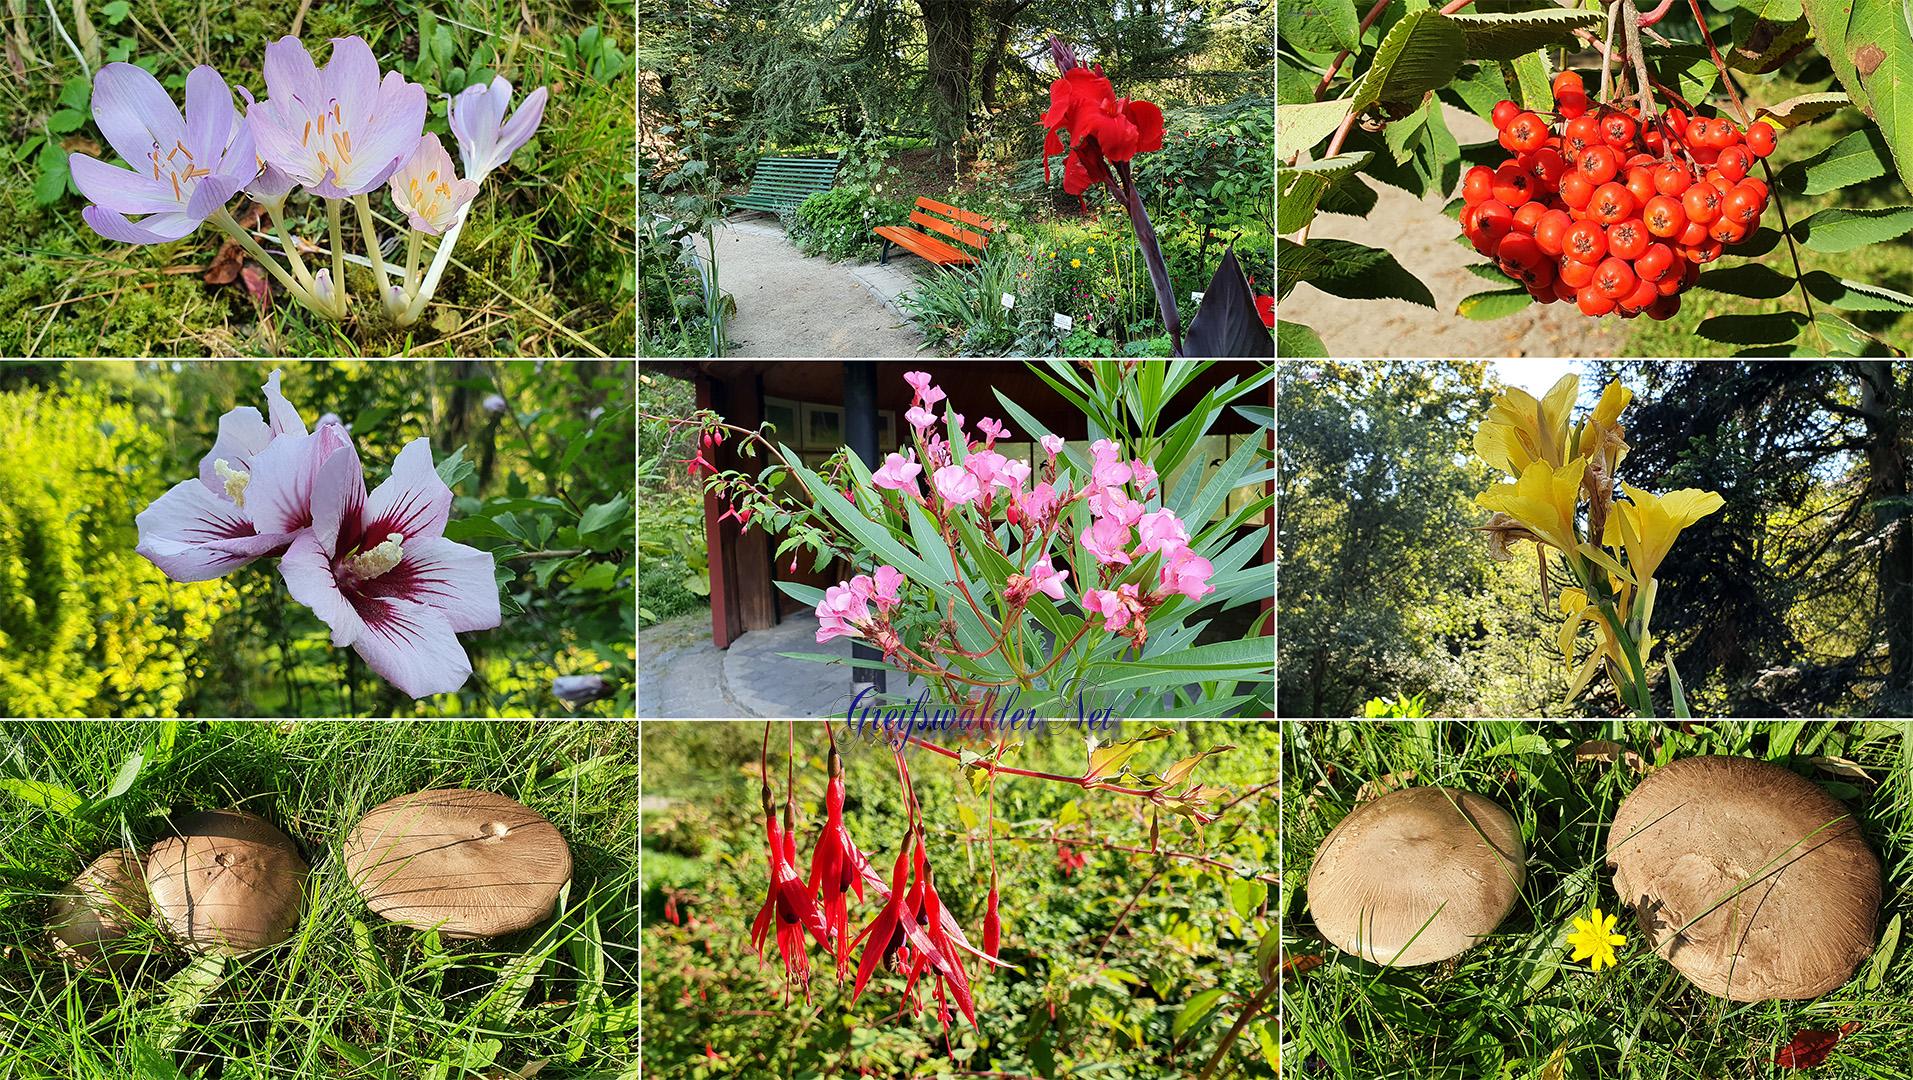 Frühherbst im Arboretum des Botanischen Gartens Greifswald